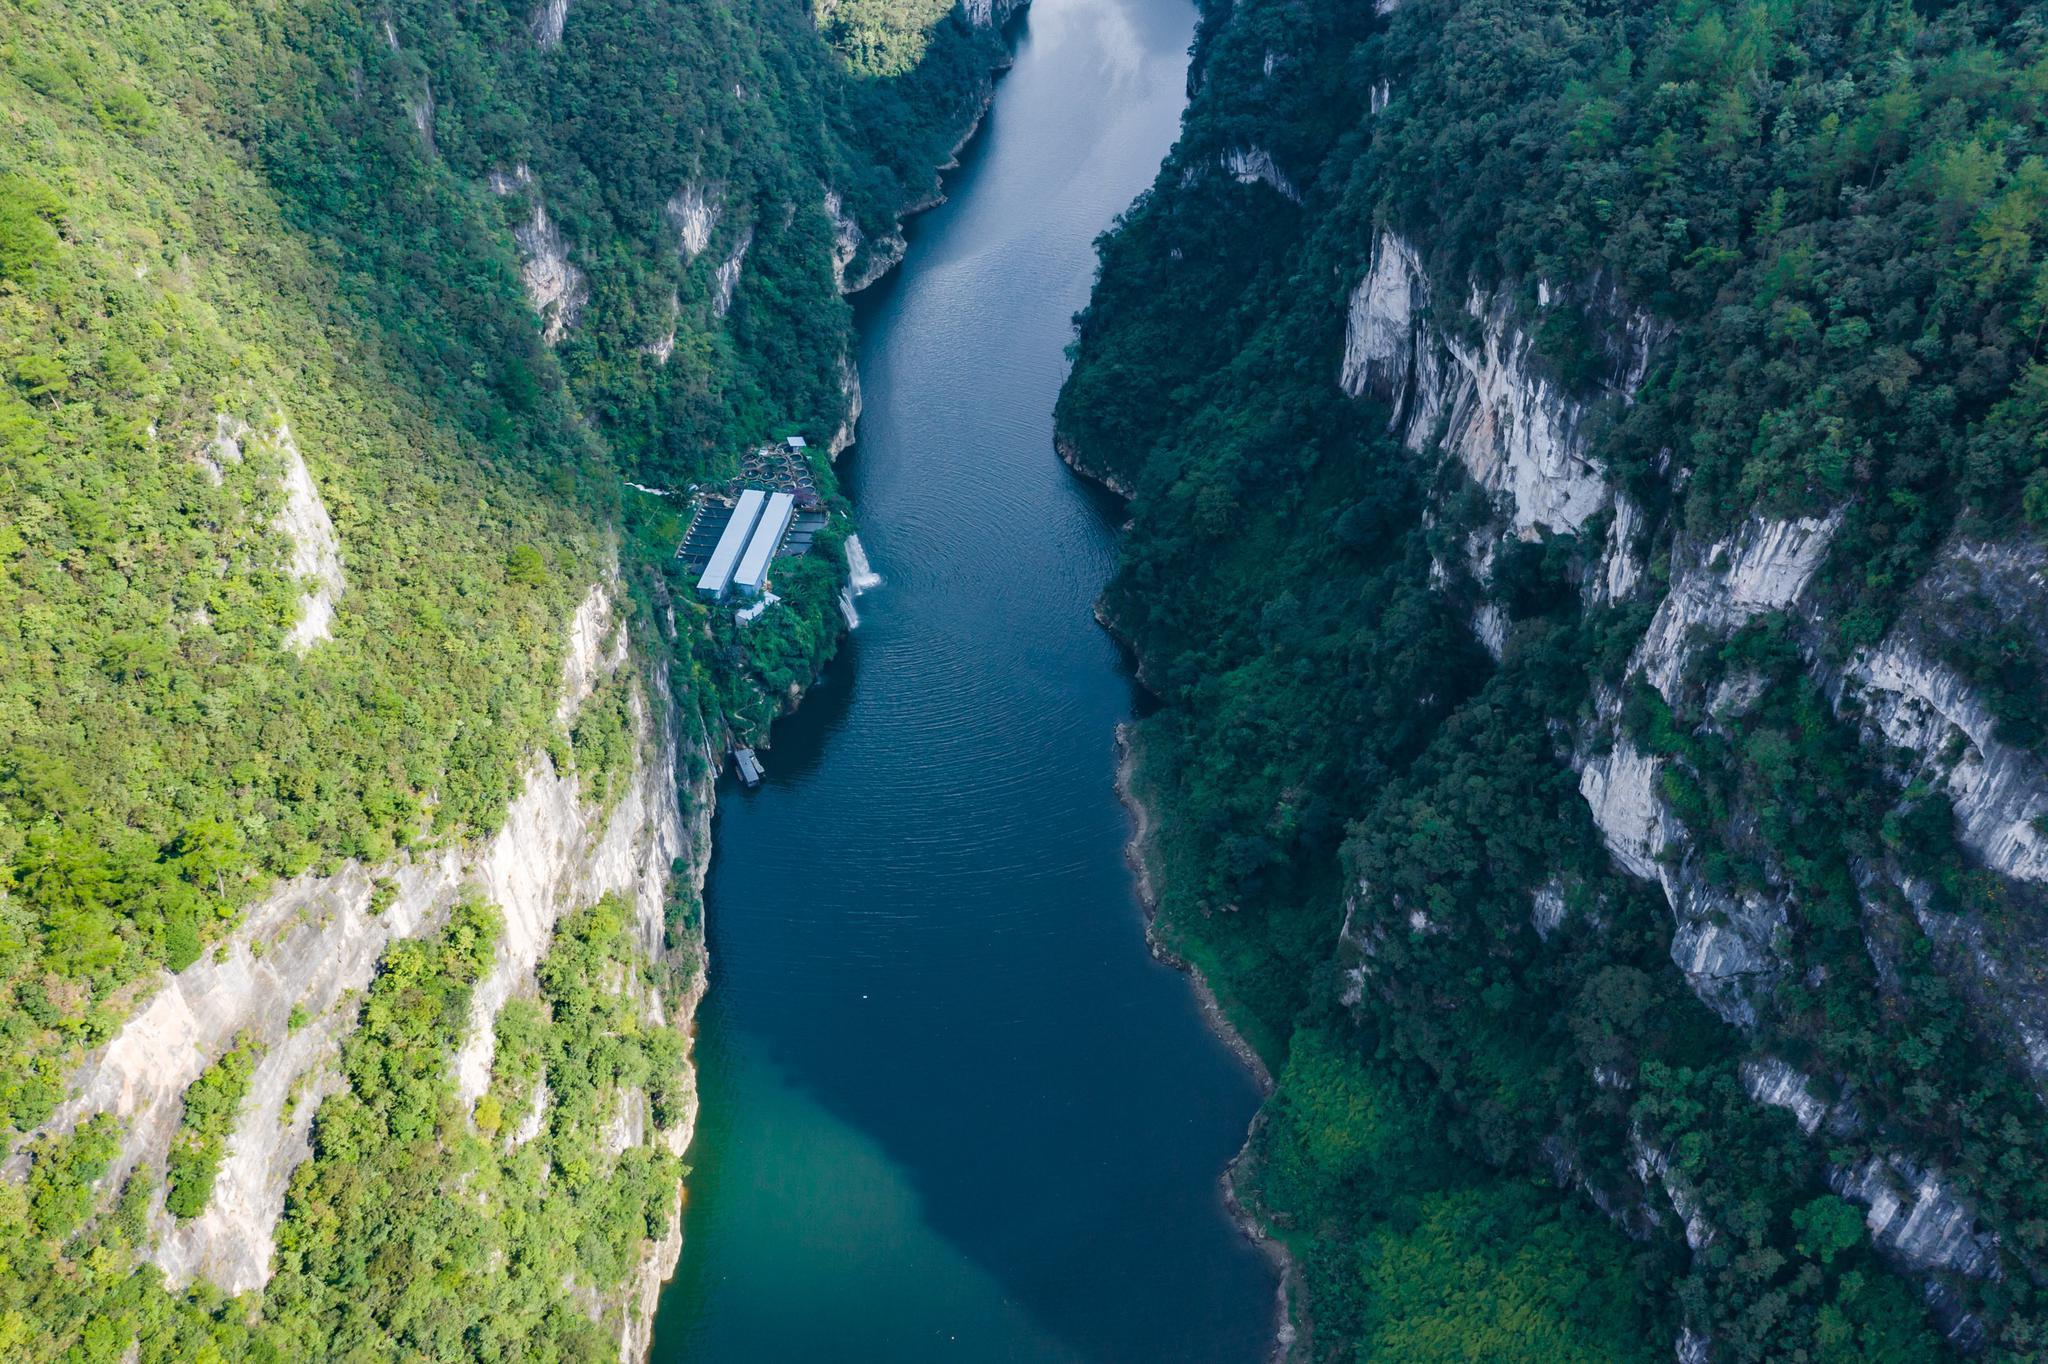 贵州大山悬崖下发现一户人家,车路不通只能乘船,真是仙境